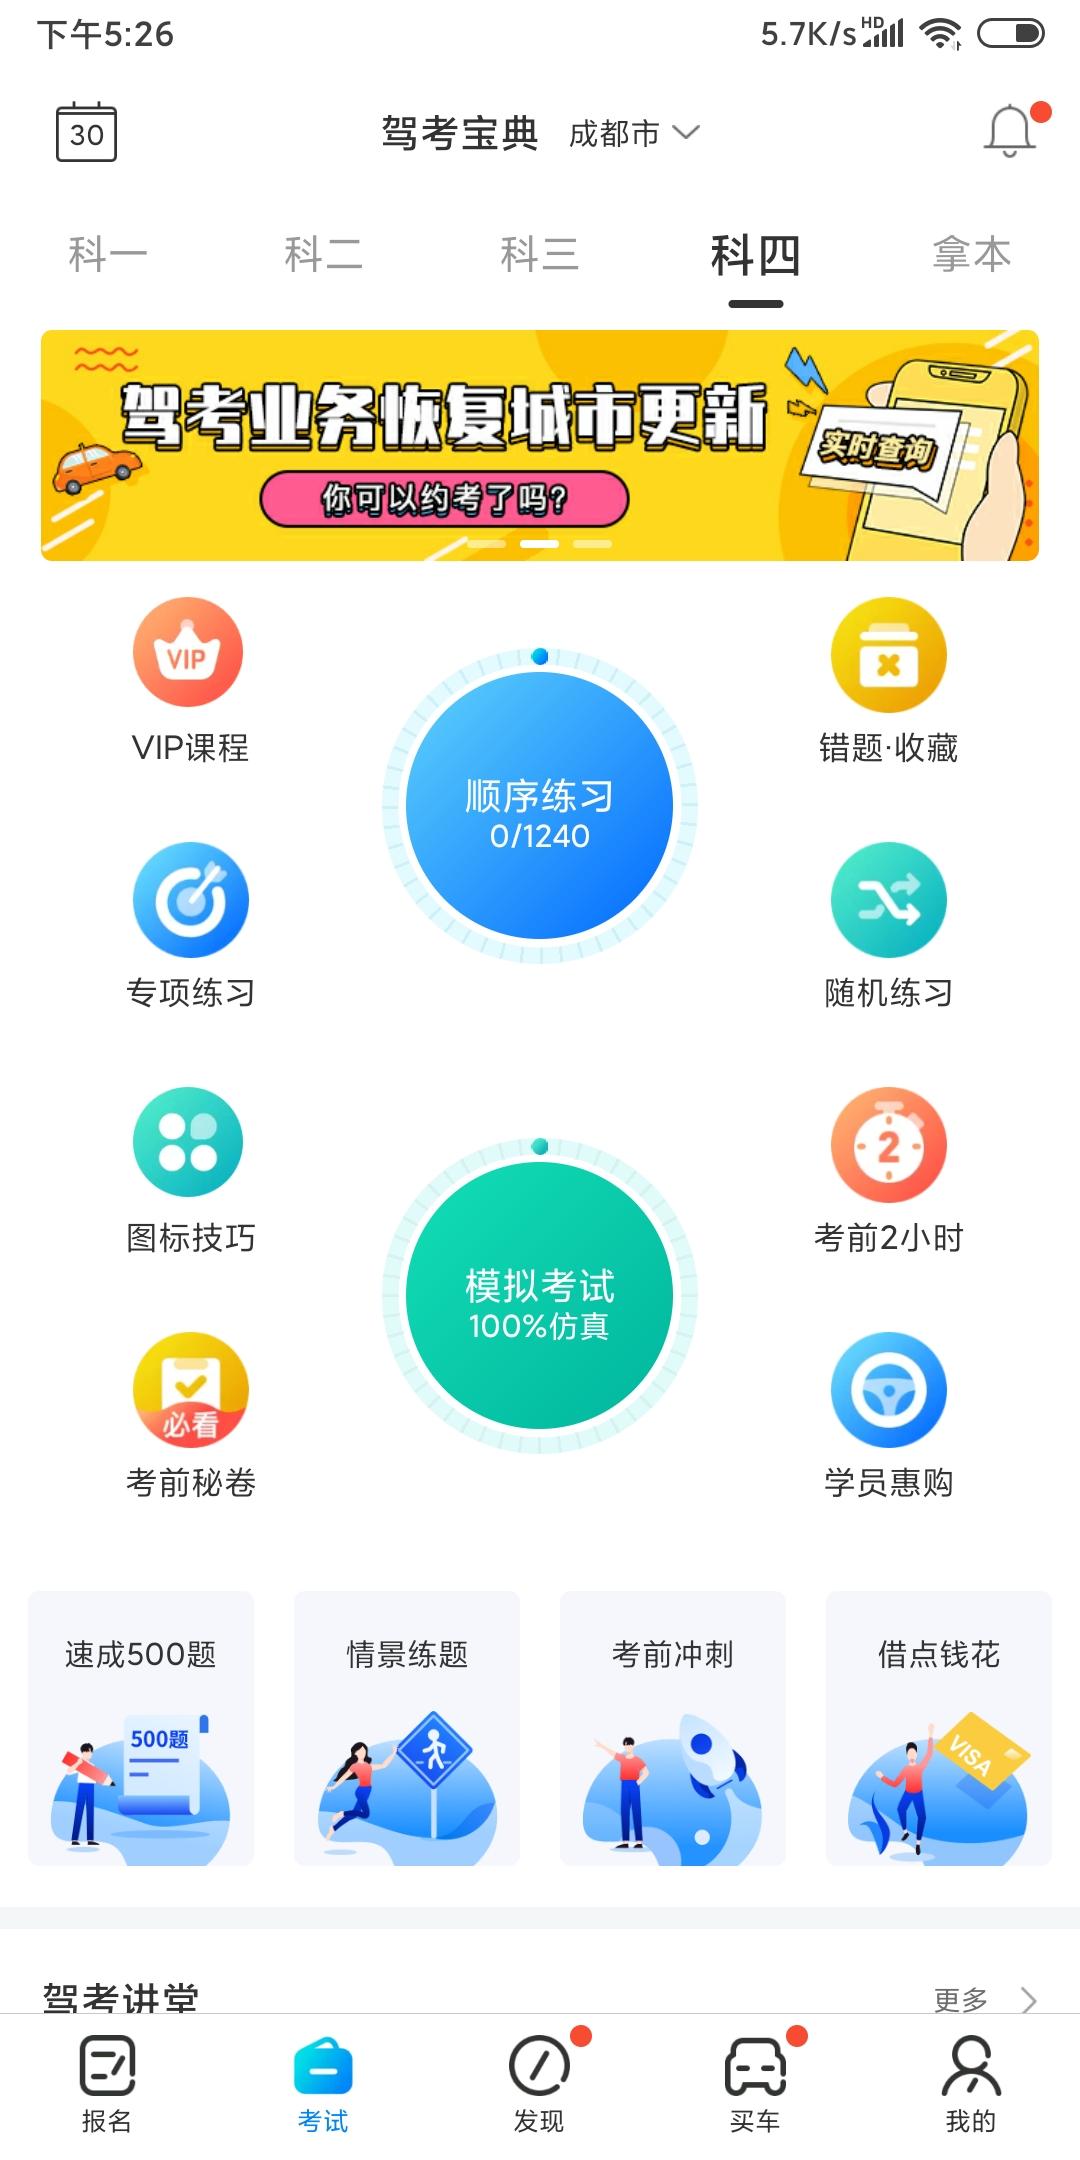 Screenshot_2020-04-30-17-26-31-969_com.handsgo.ji.jpg